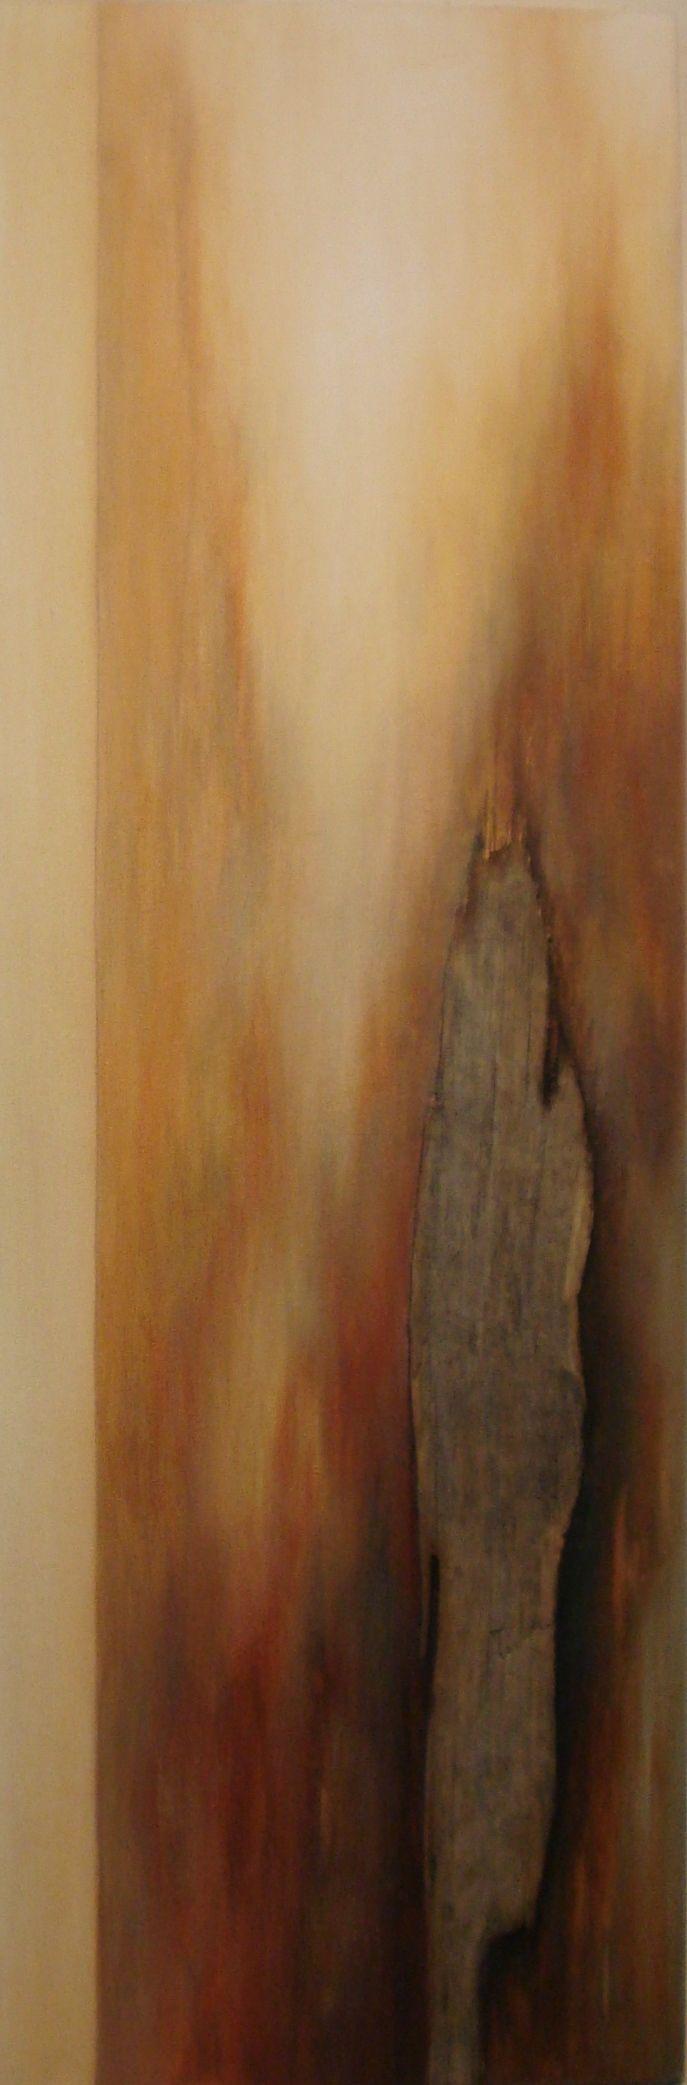 Met verweerd hout. Verstilling  door Truus Martens